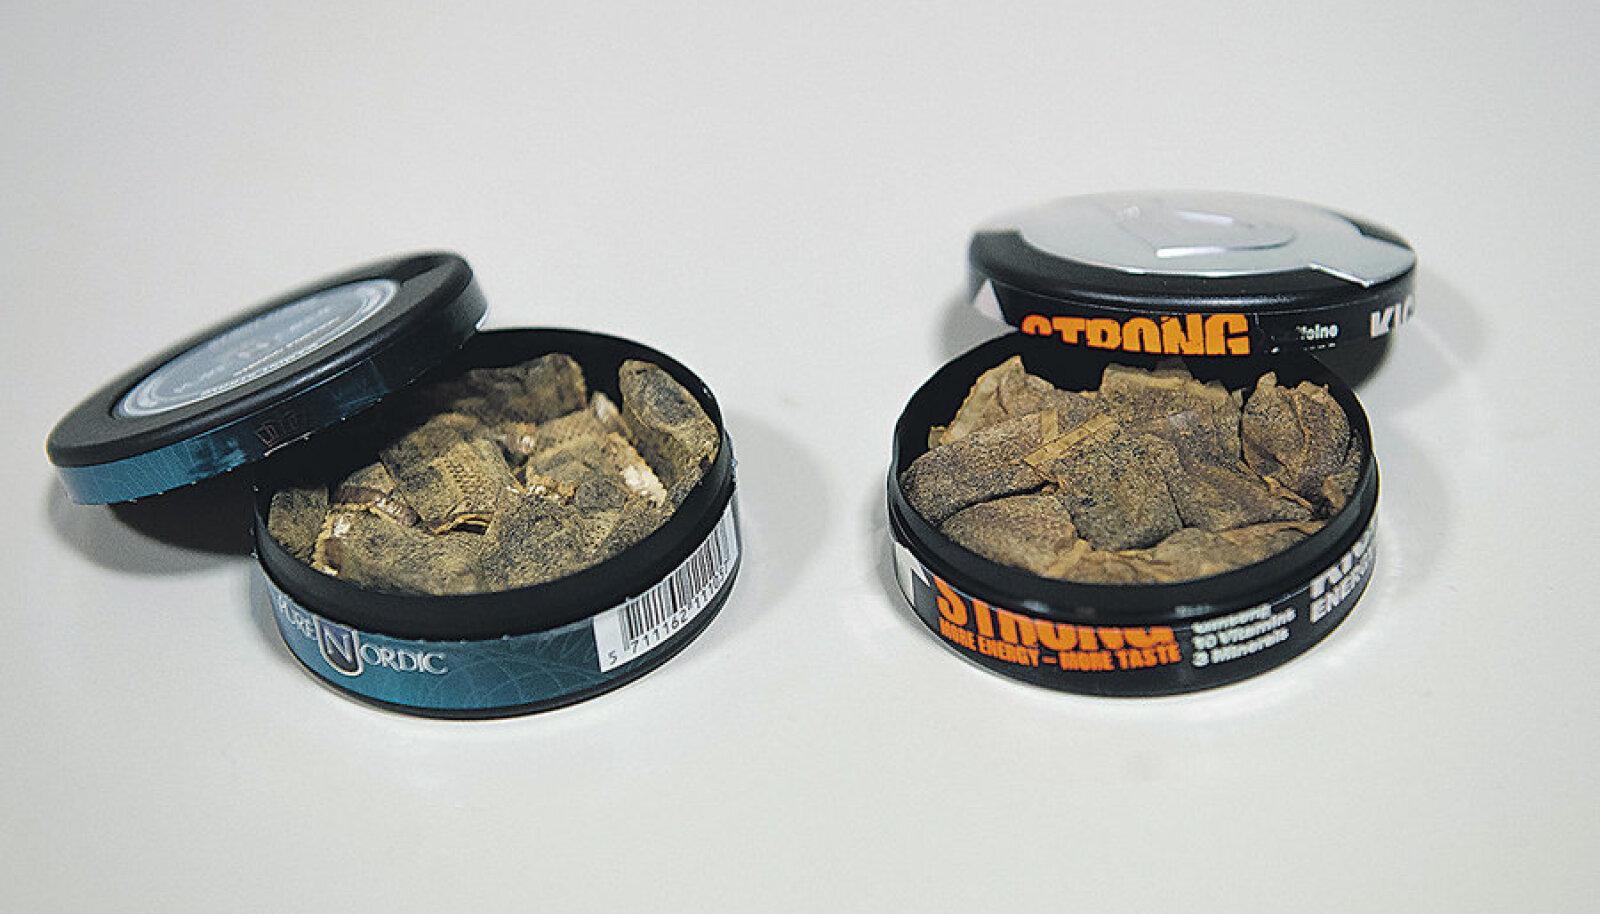 Kummas karbis on mokatubakas? Kui välimuselt pea identsed padjakesed karbist välja võtta, siis mokatubaka (vasakpoolses karbis) lõhn on palju vängem.